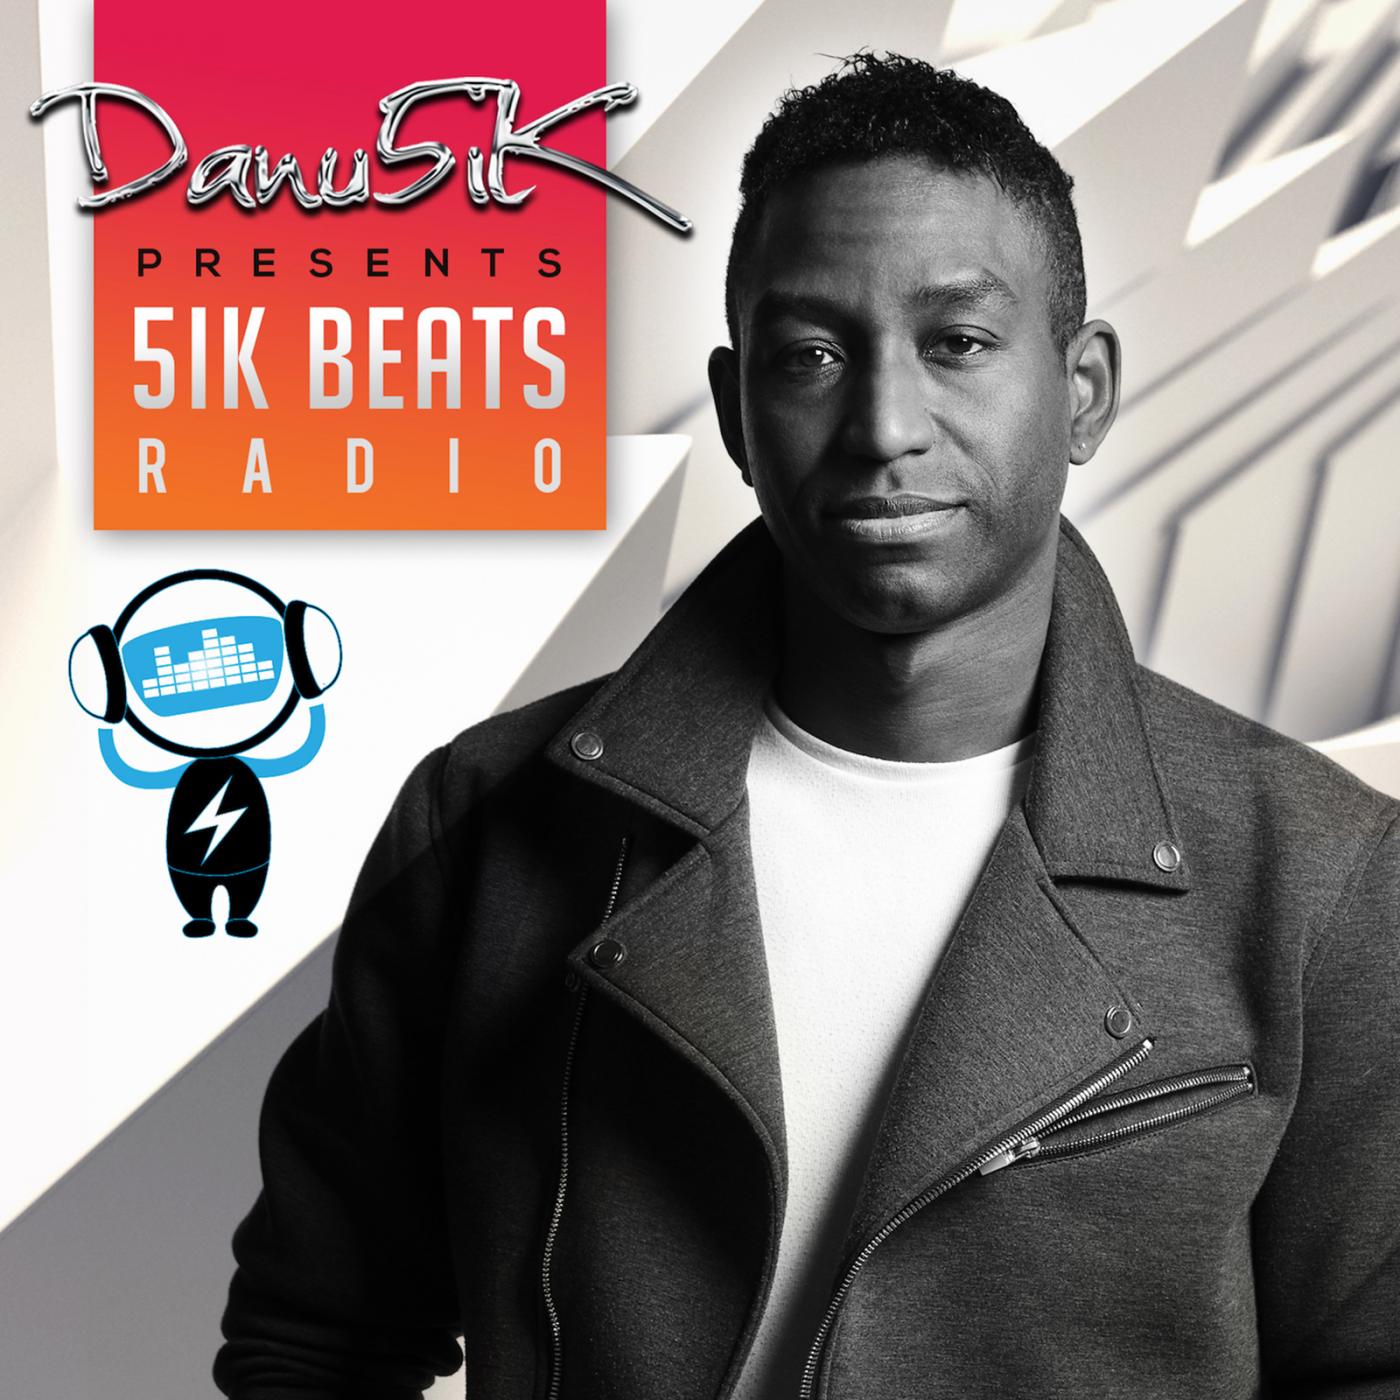 5ik Beats Radio 086 | Danu5ik